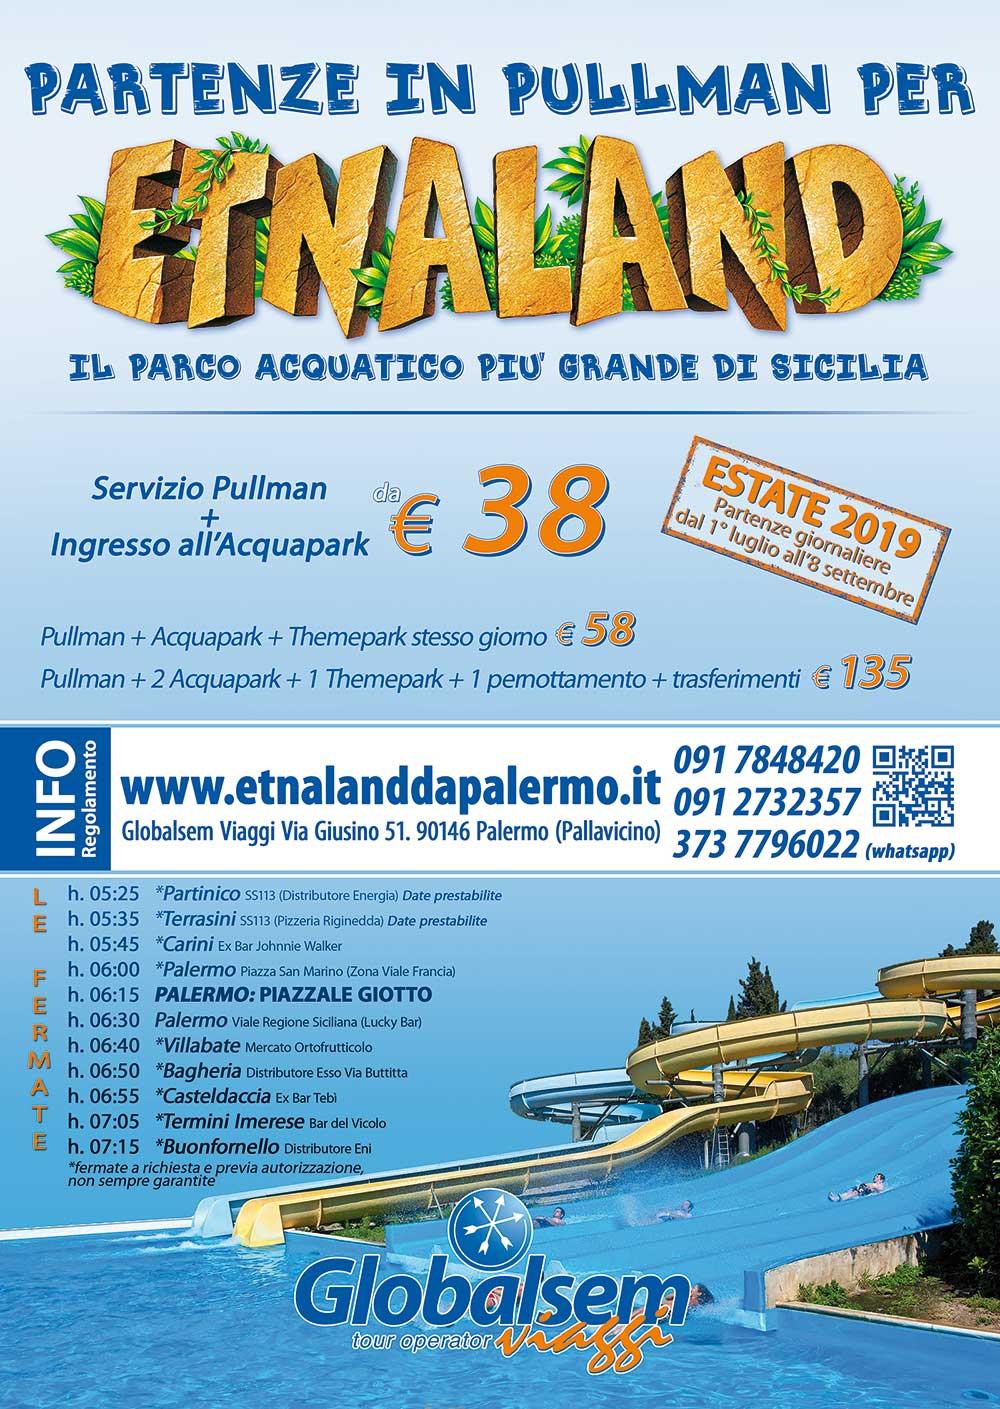 Calendario Etnaland.Etnaland Da Palermo In Pullman Estate 2019 Da 38